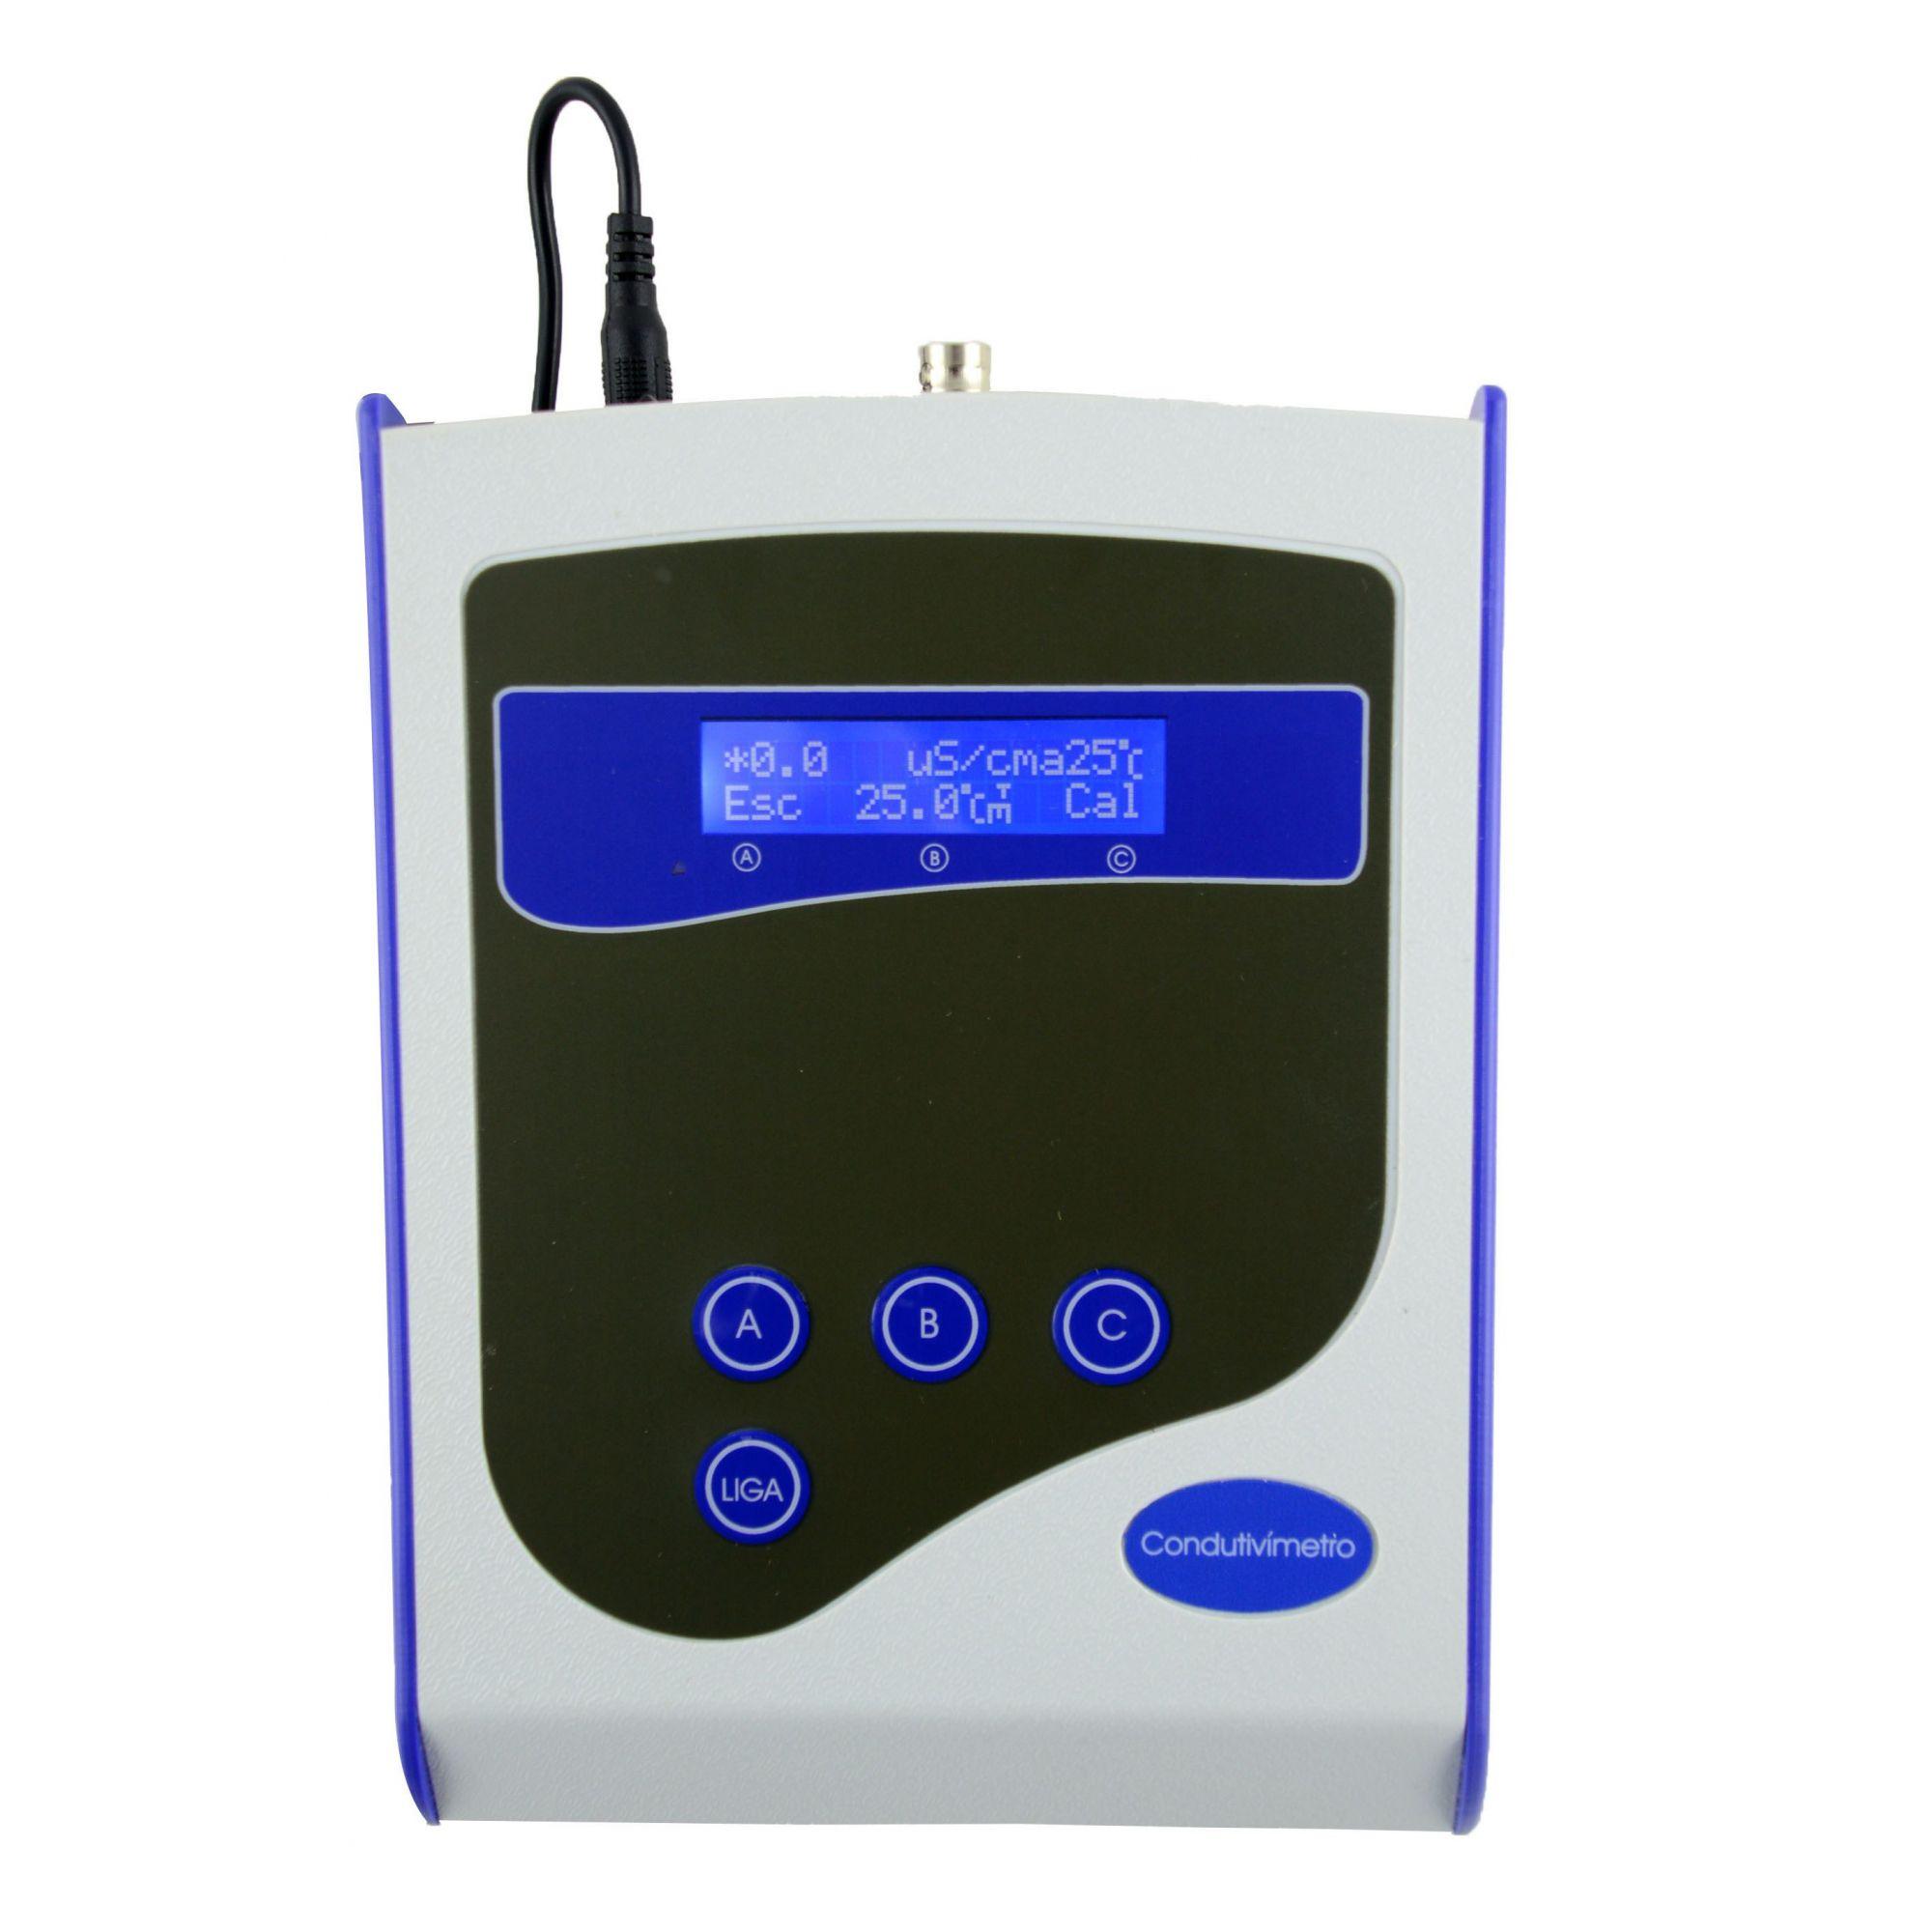 Condutivímetro MOD. CD-8920 digital de bancada